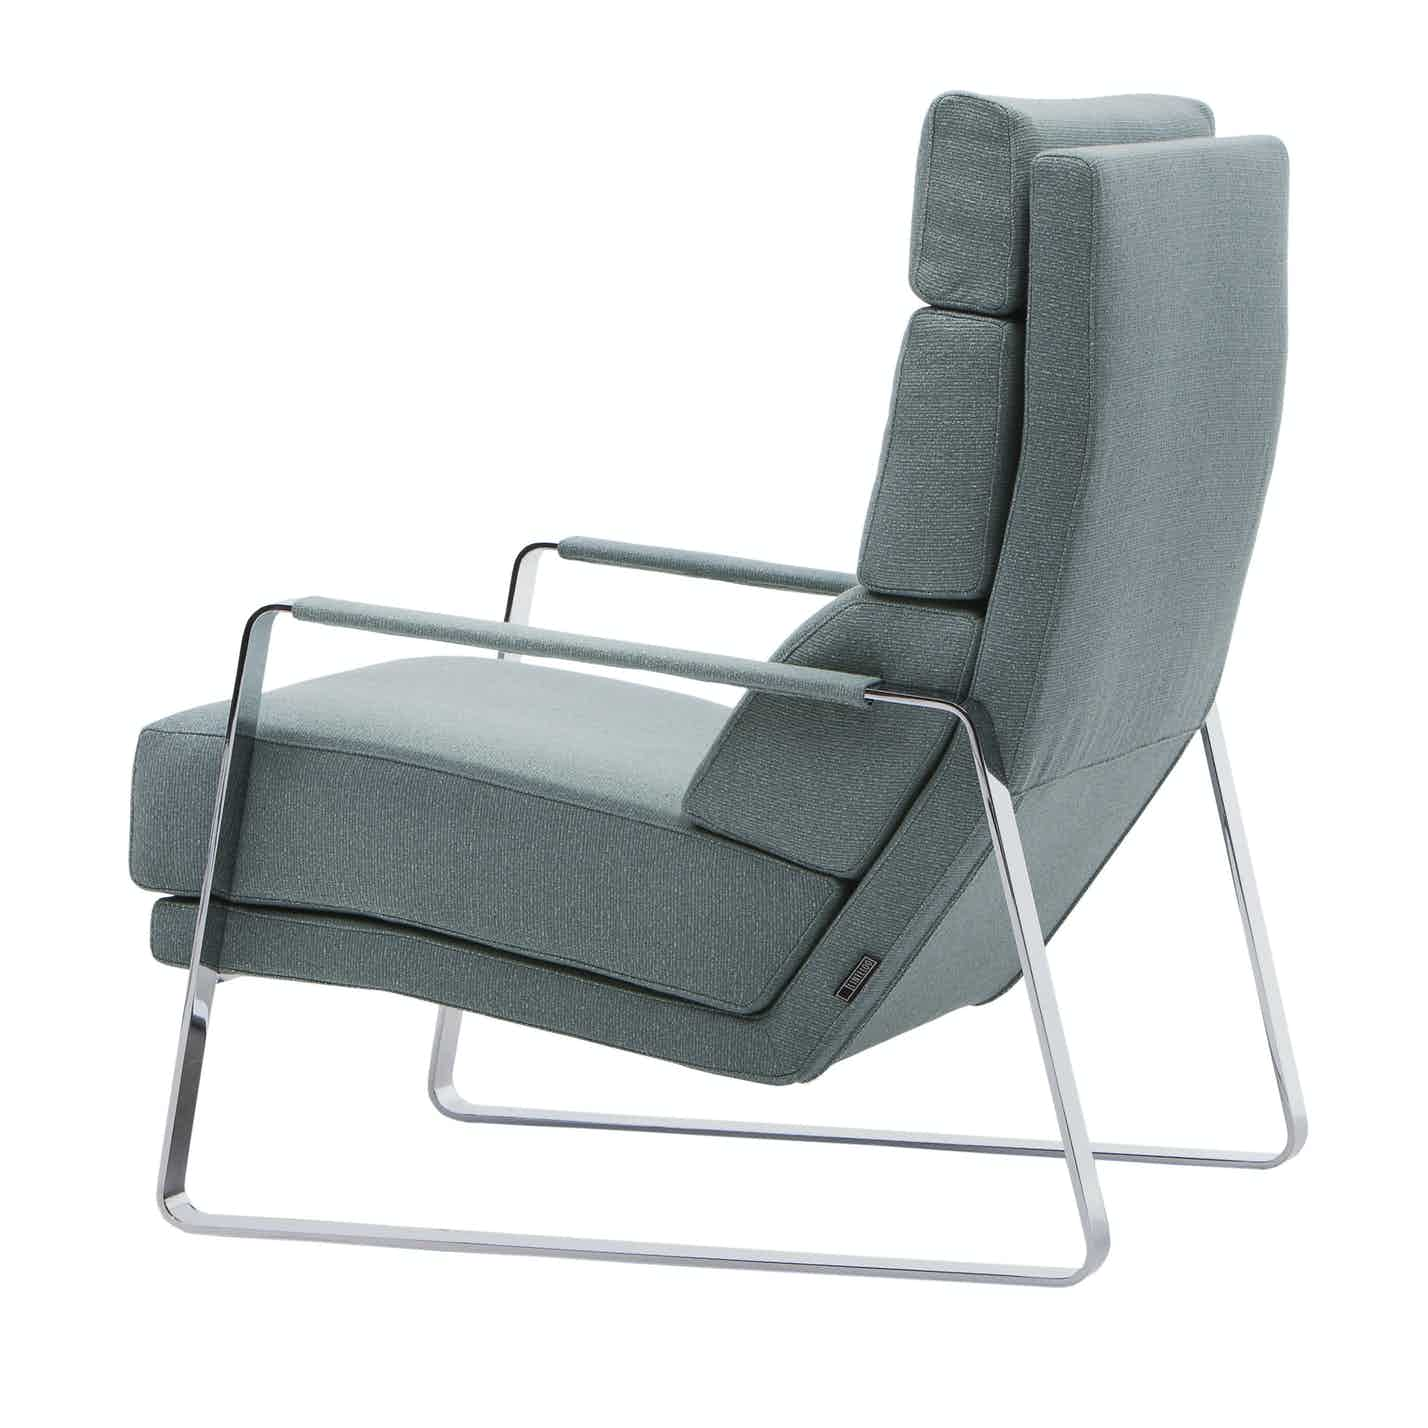 Linteloo-back-blue-kone-armchair-haute-living